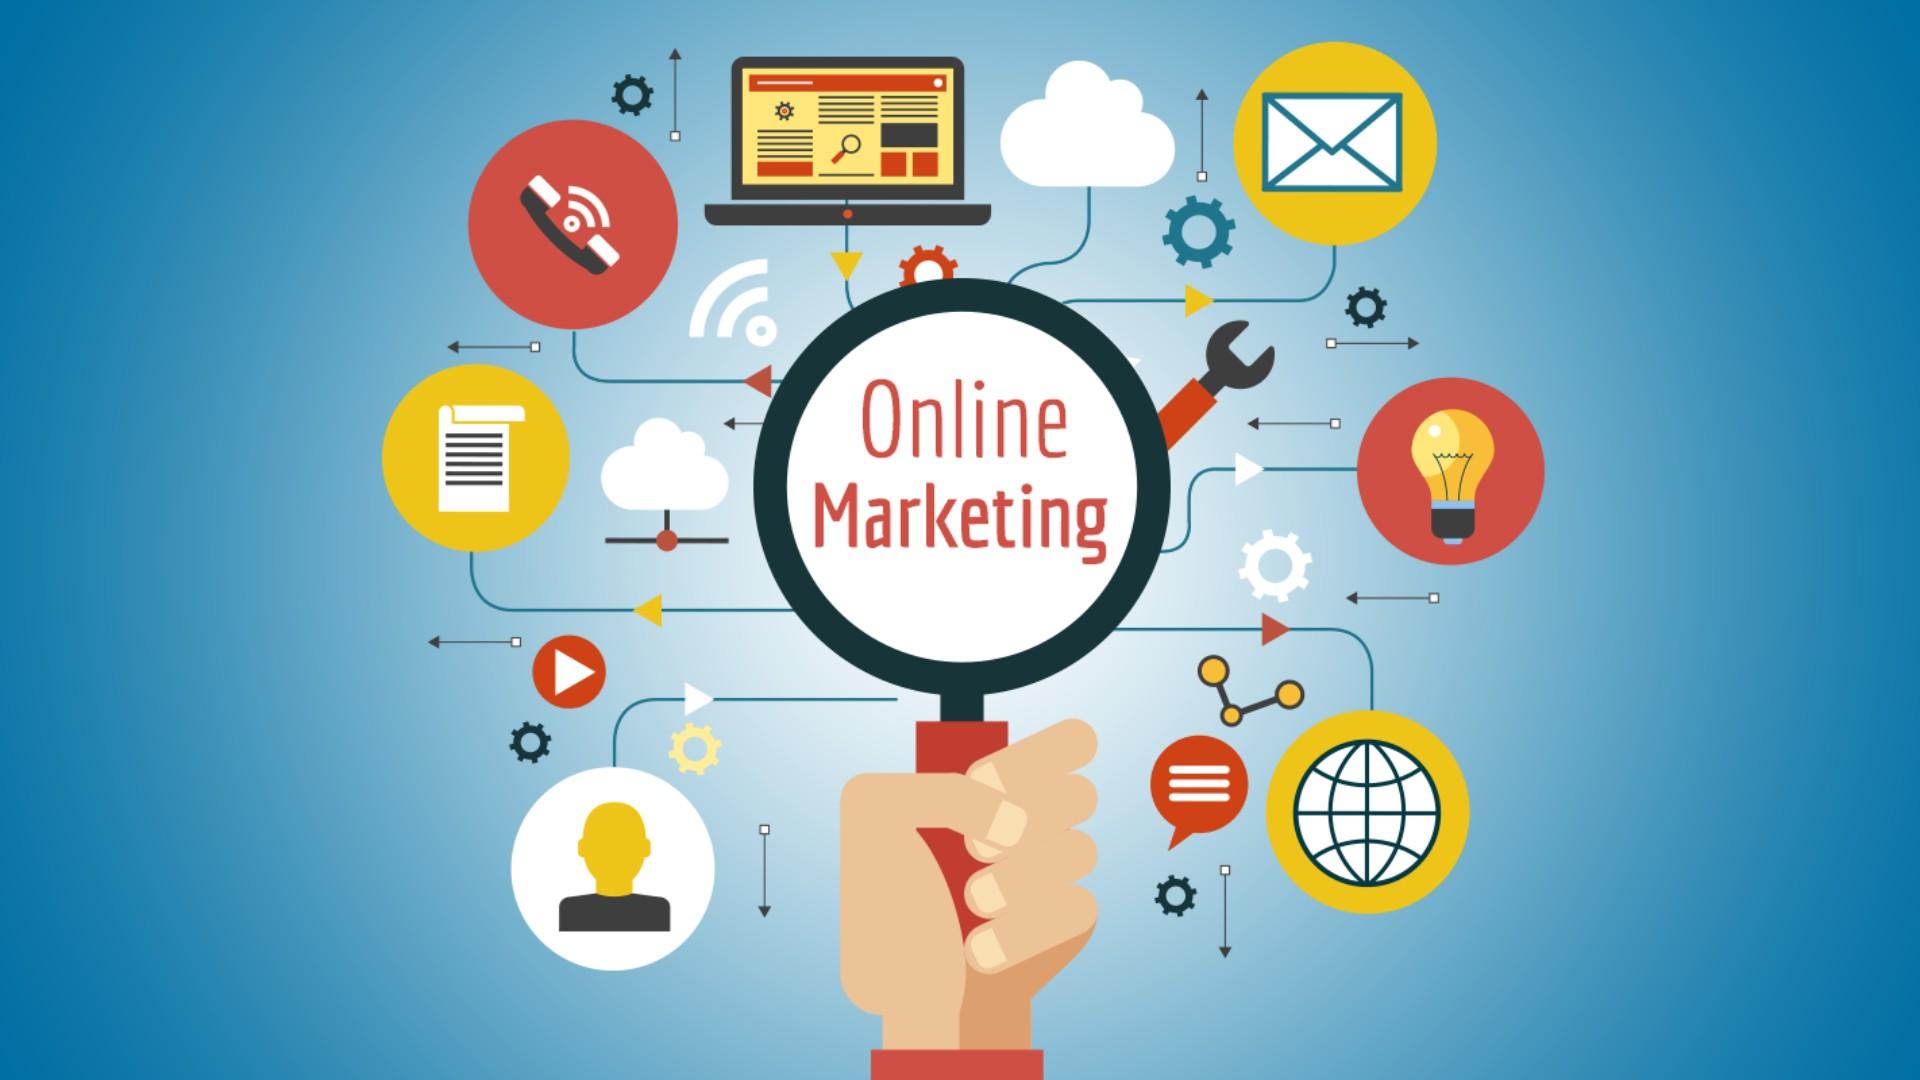 empresas-de-marketing-online-y-digital-en-esplugas-de-llobregat